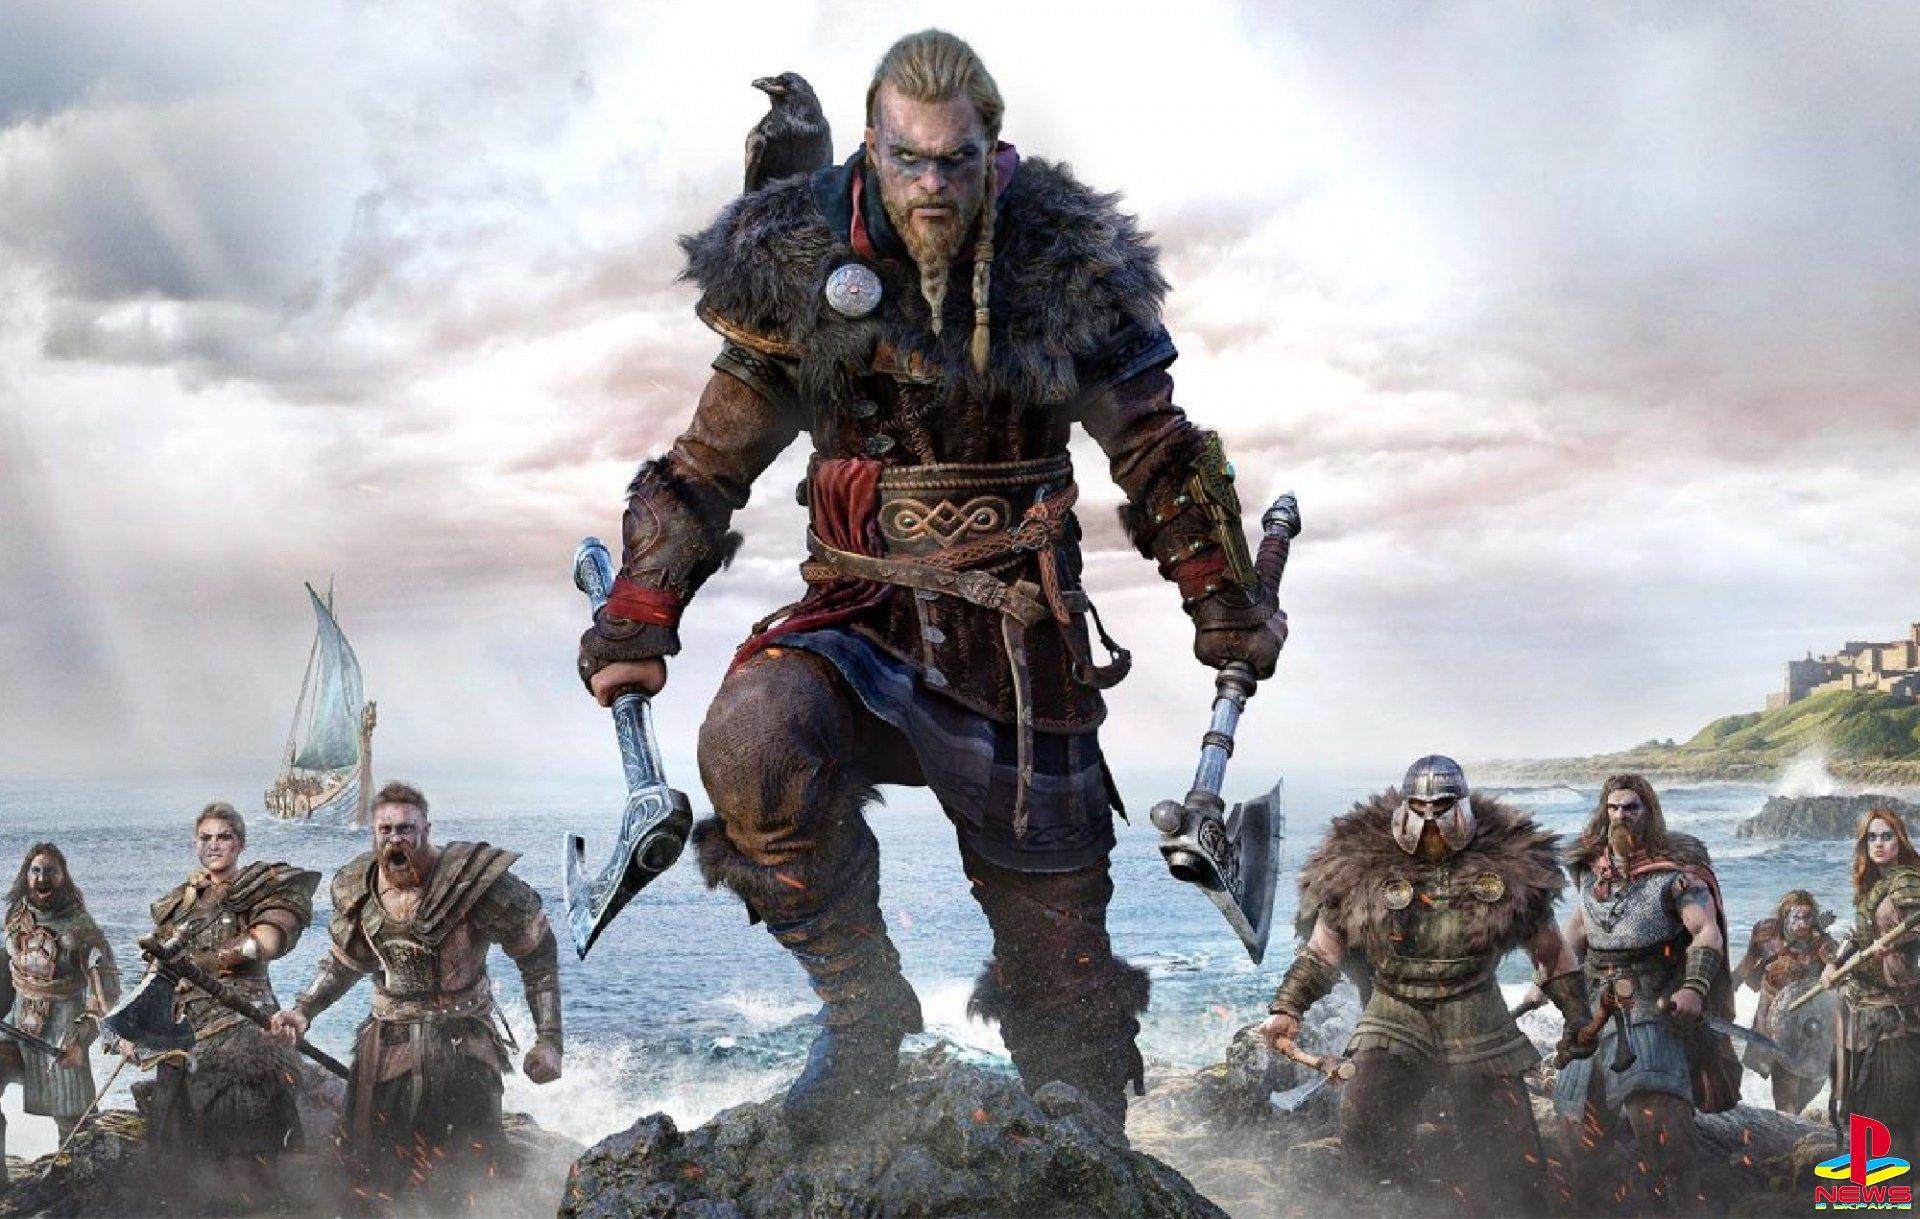 Фанаты Assassin's Creed потребовали убрать микротранзакции из игр серии